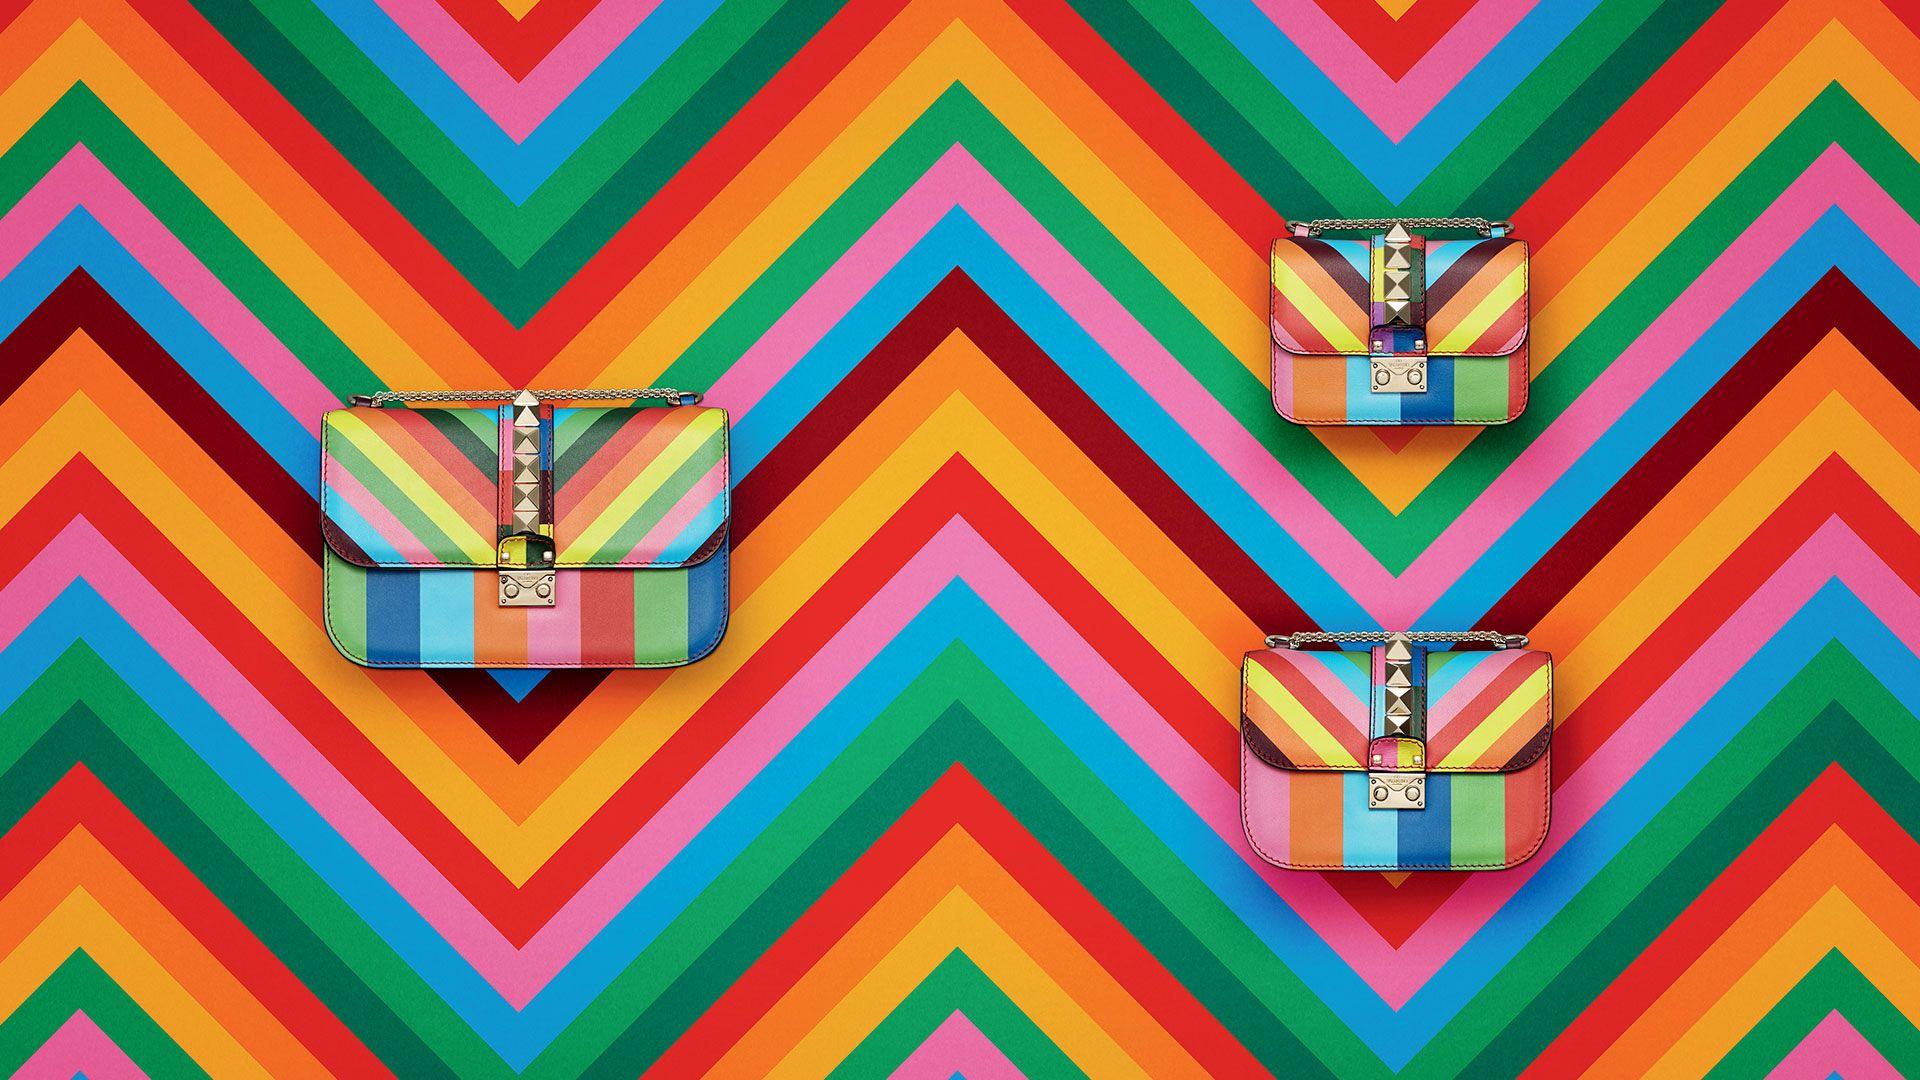 cb7c0c437387 Valentino RockStud Multicolor Shoulder Bag